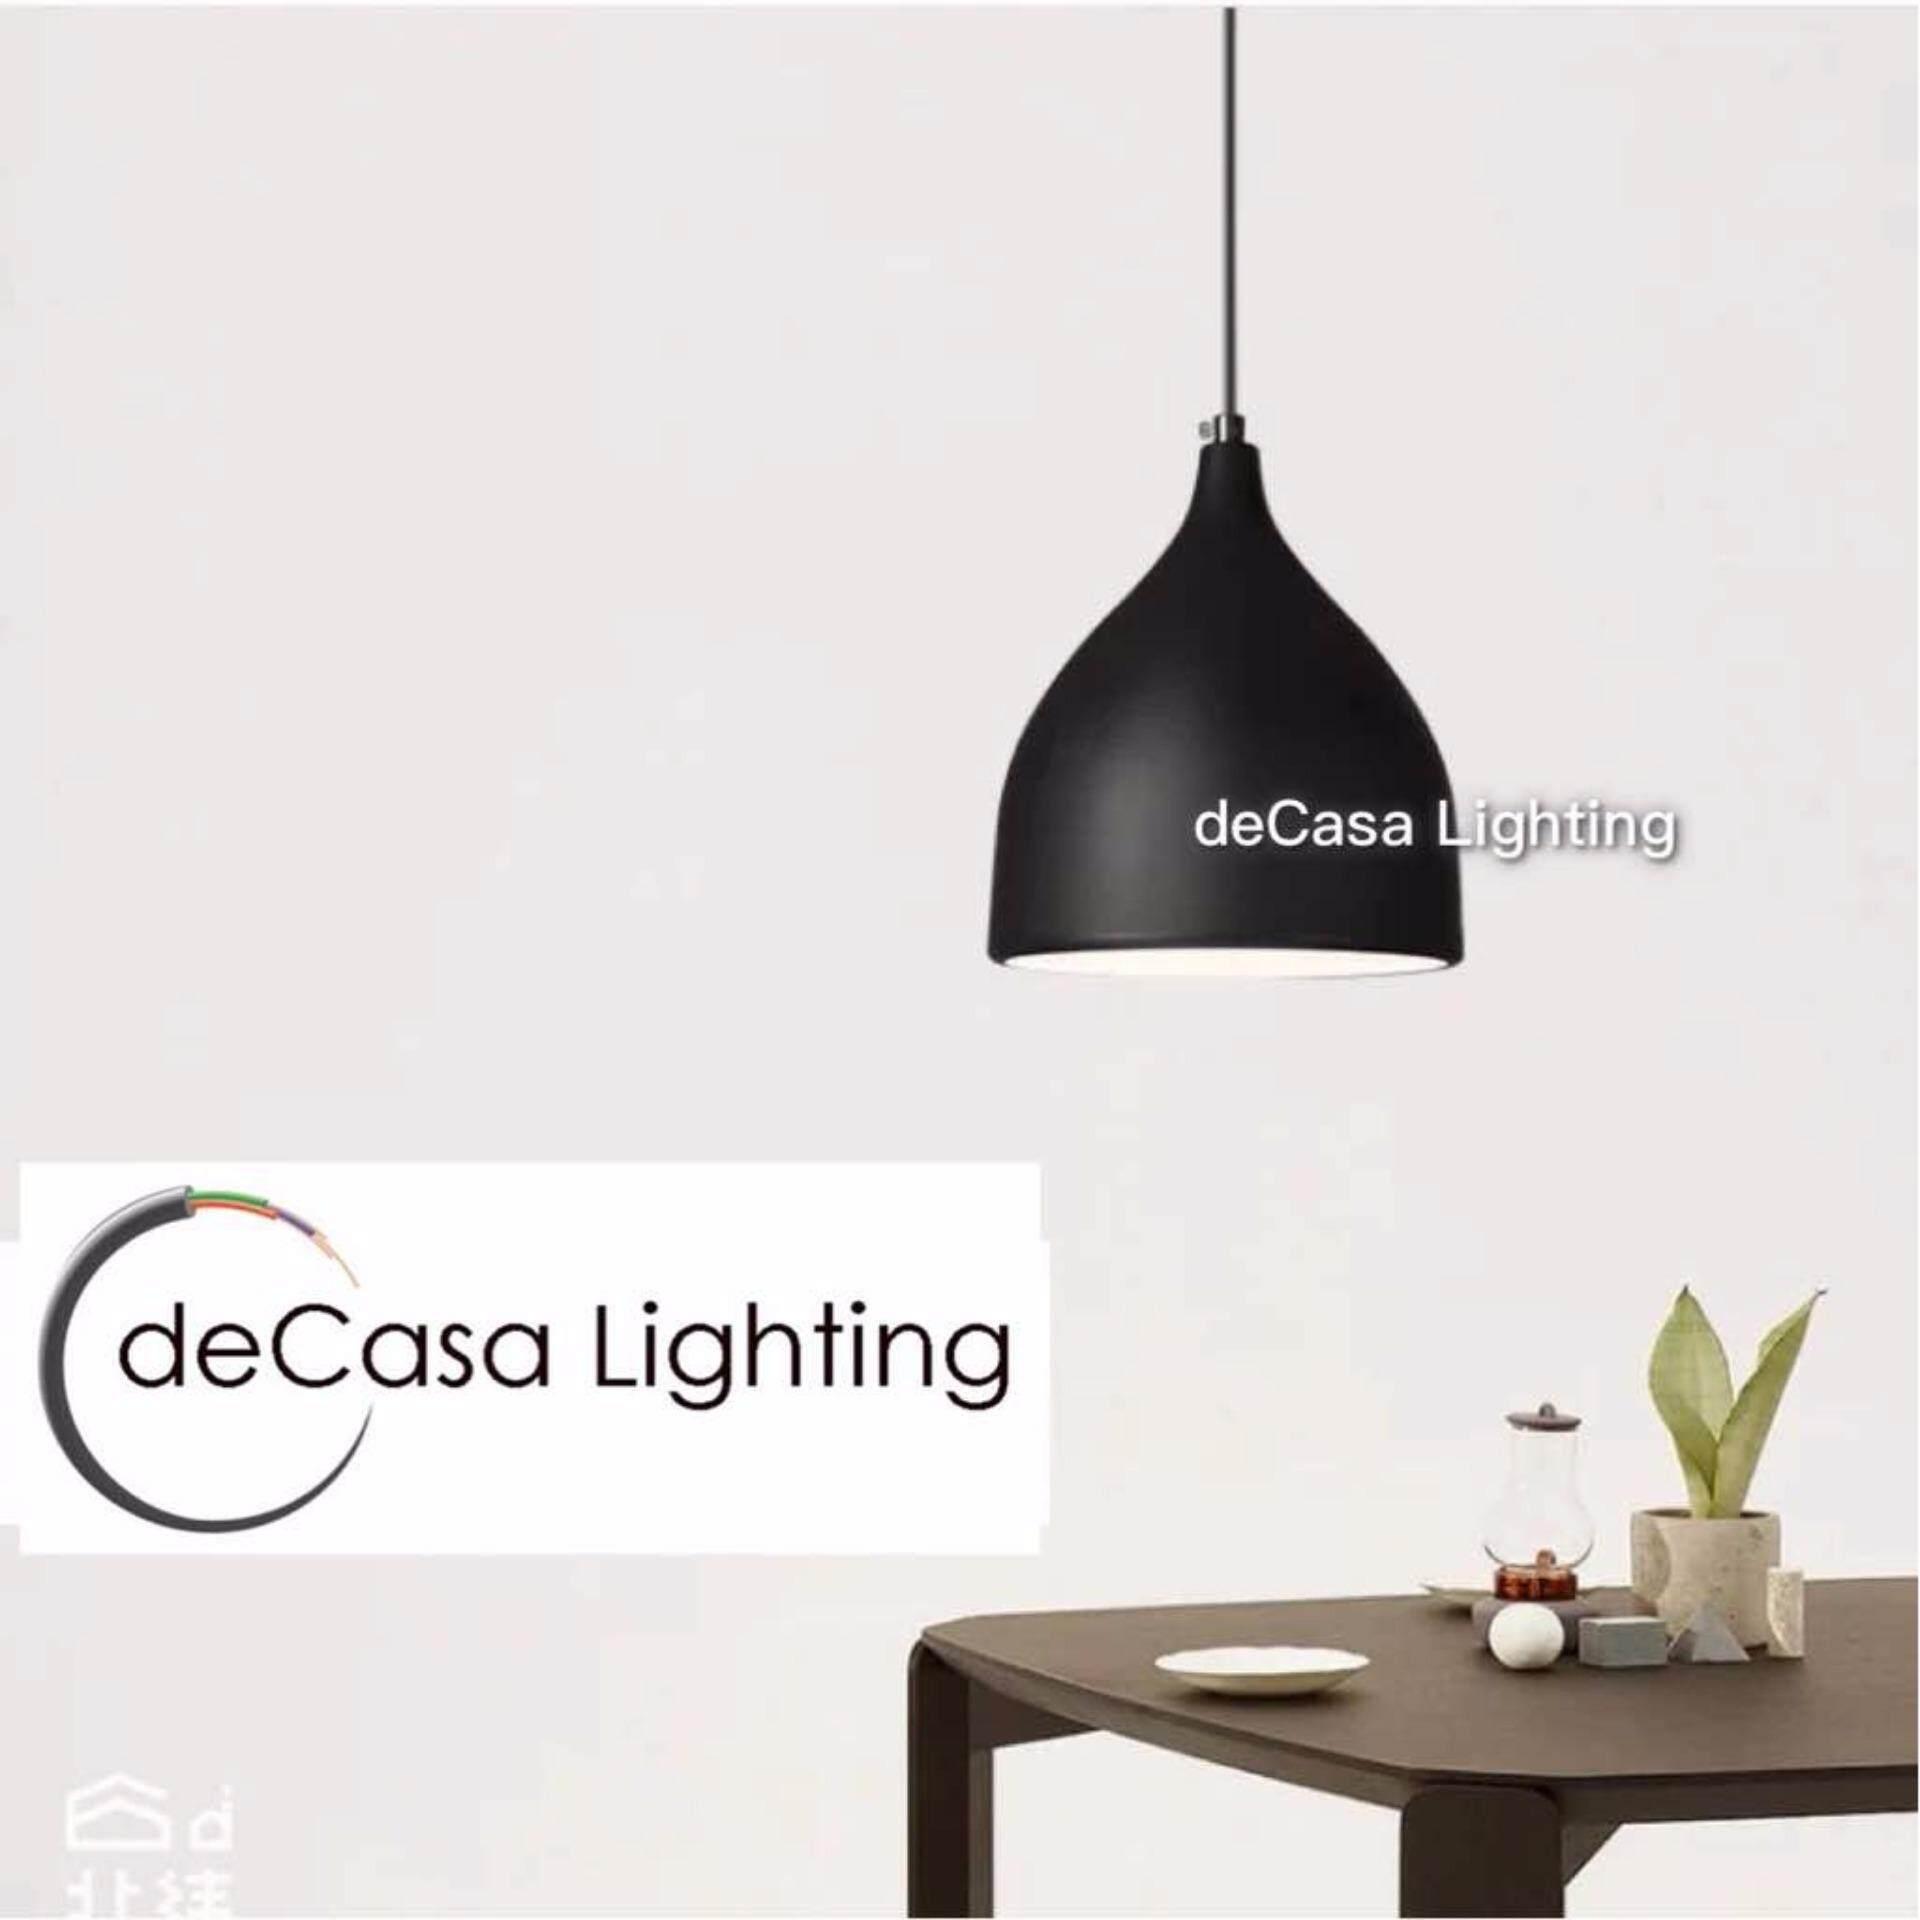 Hanging Light DECASA Black Designer Decorative Pendant Light Best Seller Ceiling Light Lighting LY